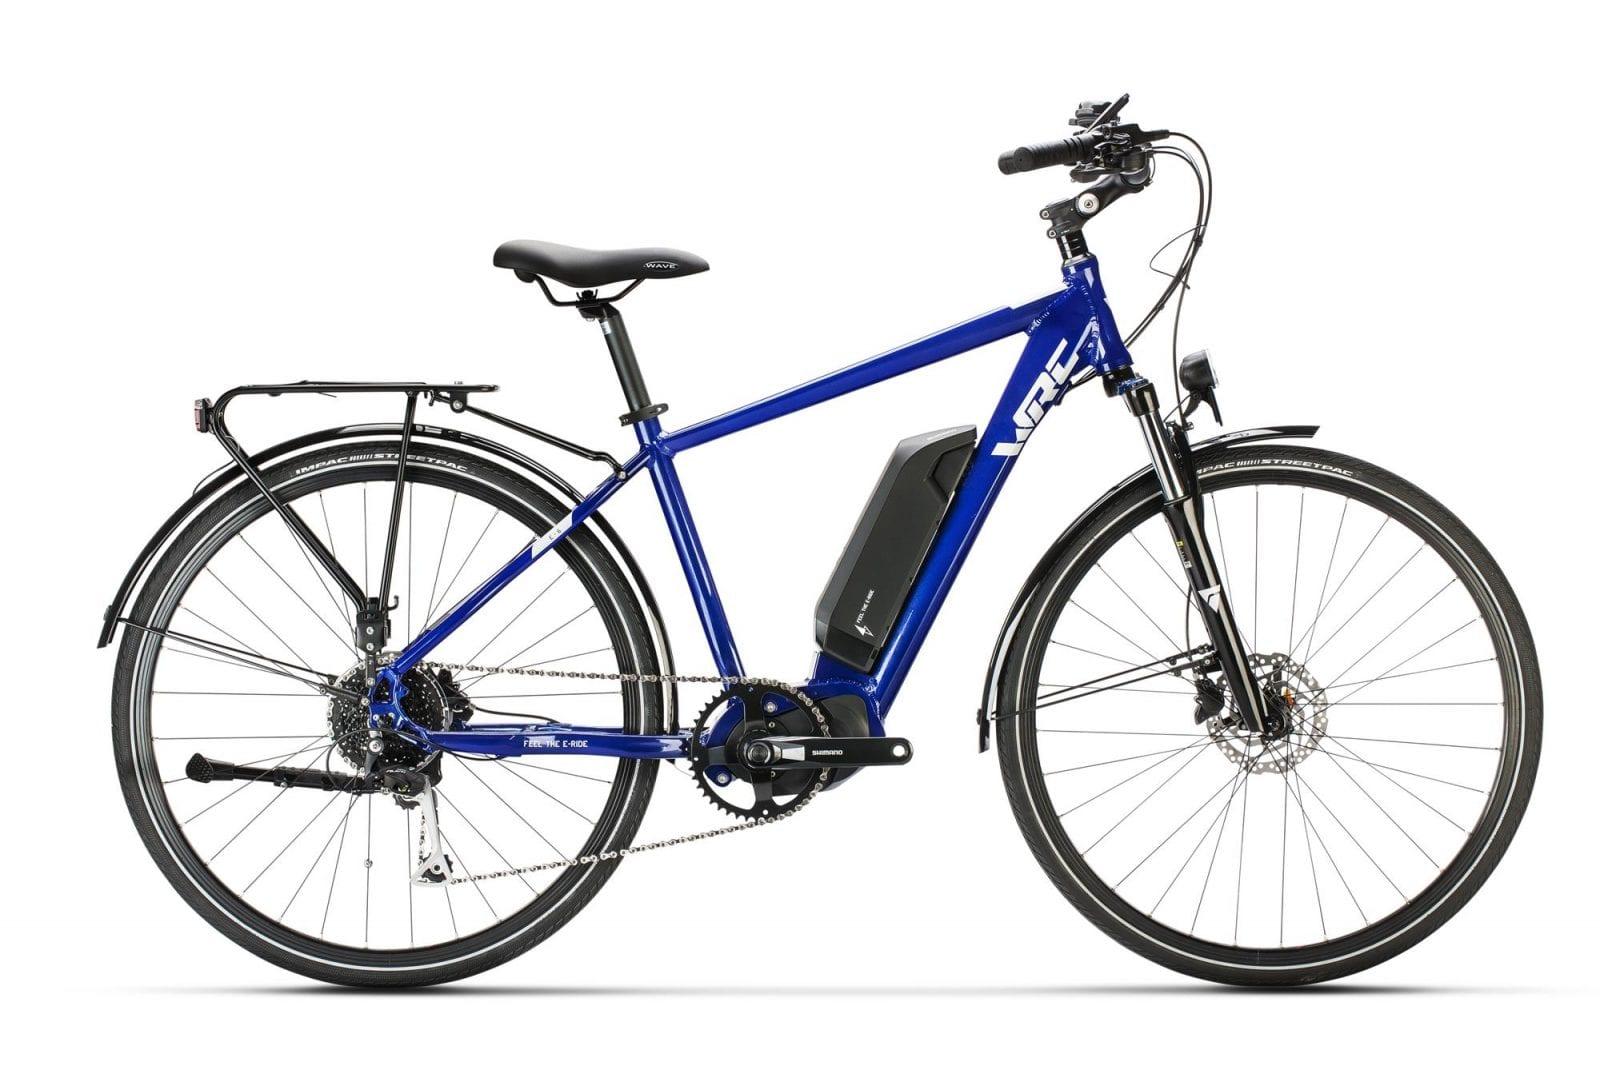 020408azla_0_vuk_bikes